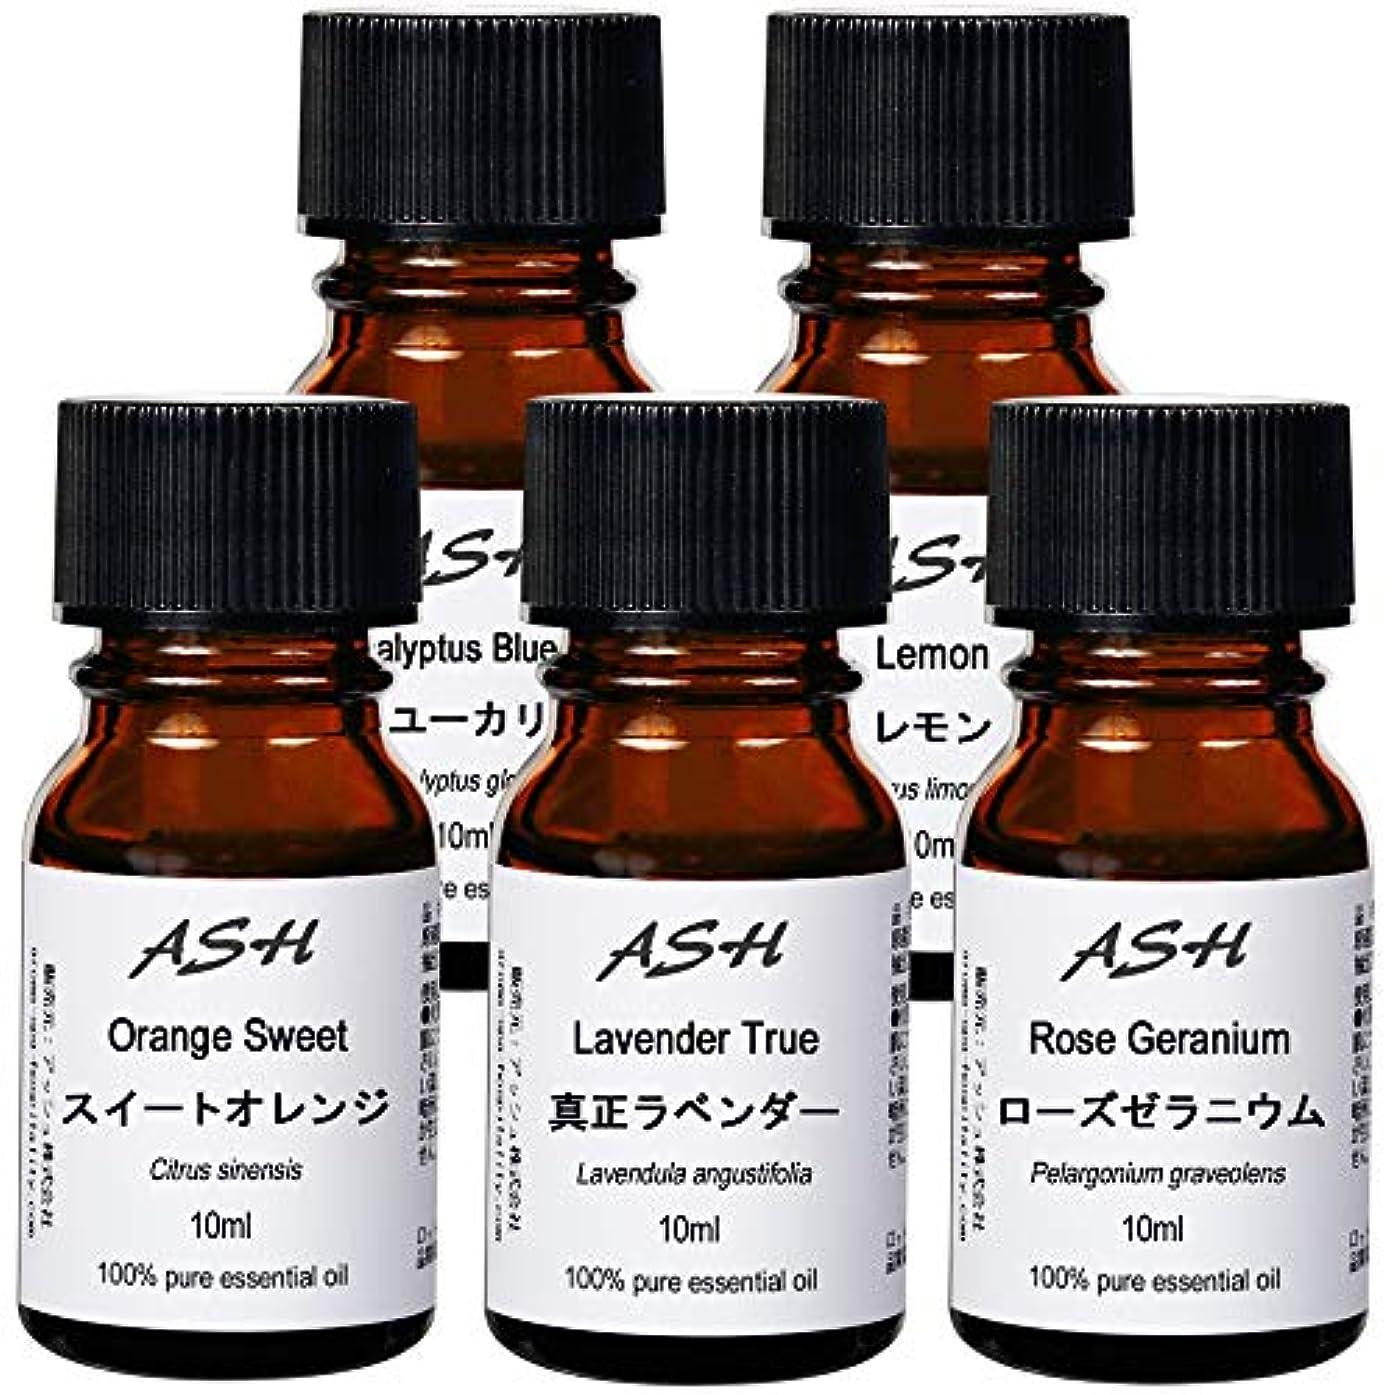 パントリー再現する悪化させるASH エッセンシャルオイル A.お試し 10mlx5本セット (スイートオレンジ/ユーカリ/ラベンダー/レモン/ローズゼラニウム) AEAJ認定精油